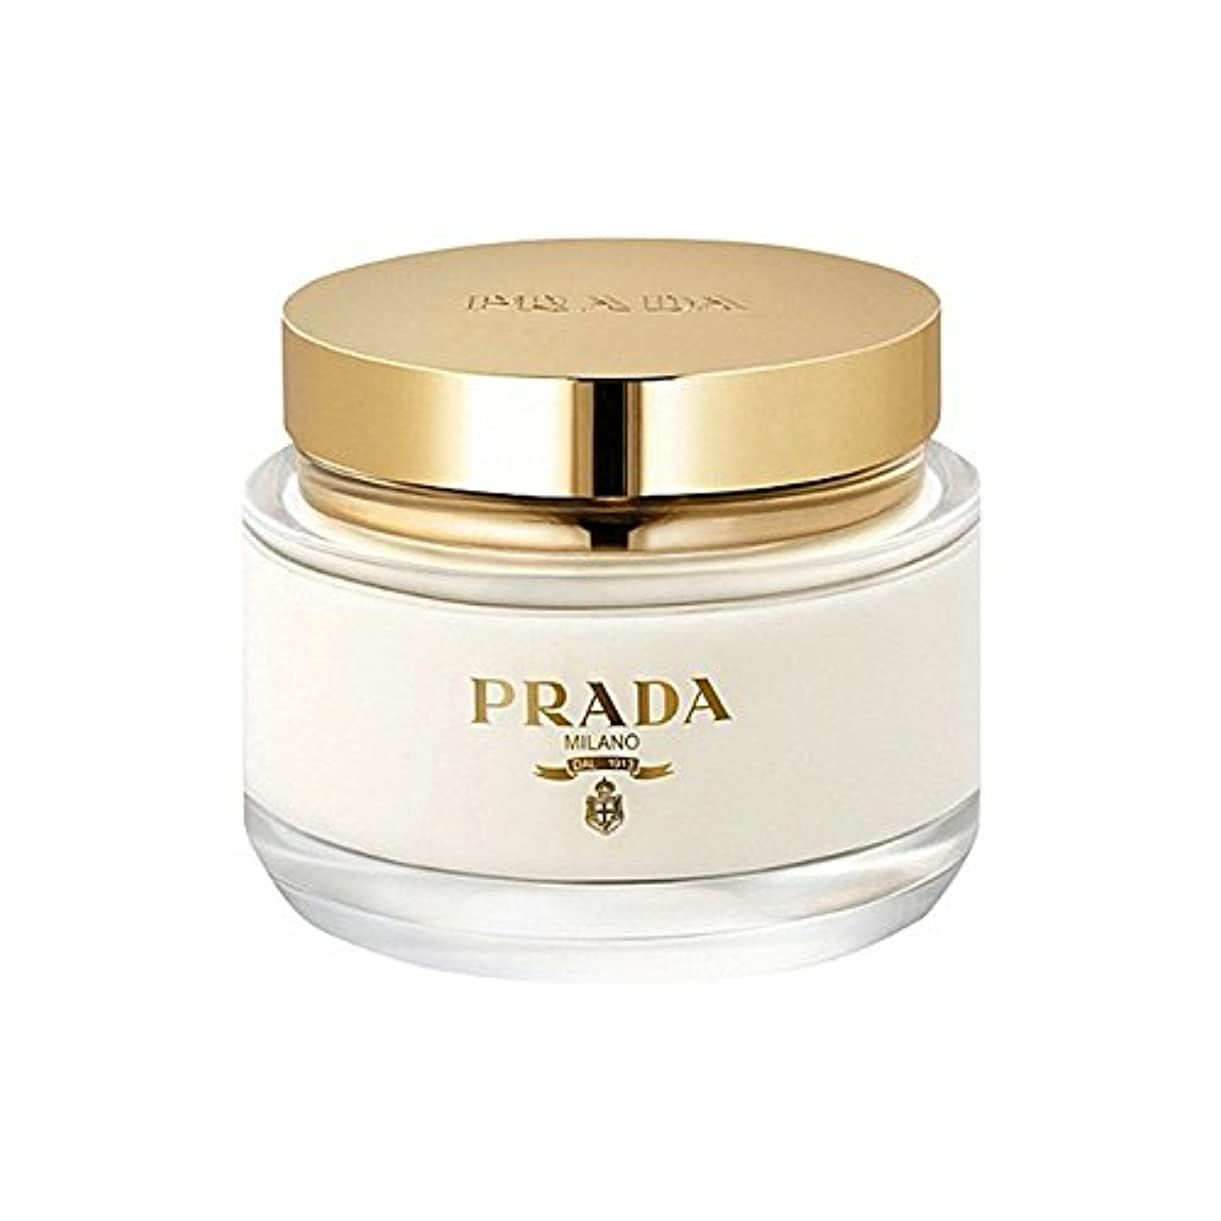 アレルギー性波住居Prada La Femme Body Lotion 200ml - プラダラファムボディローション200 [並行輸入品]